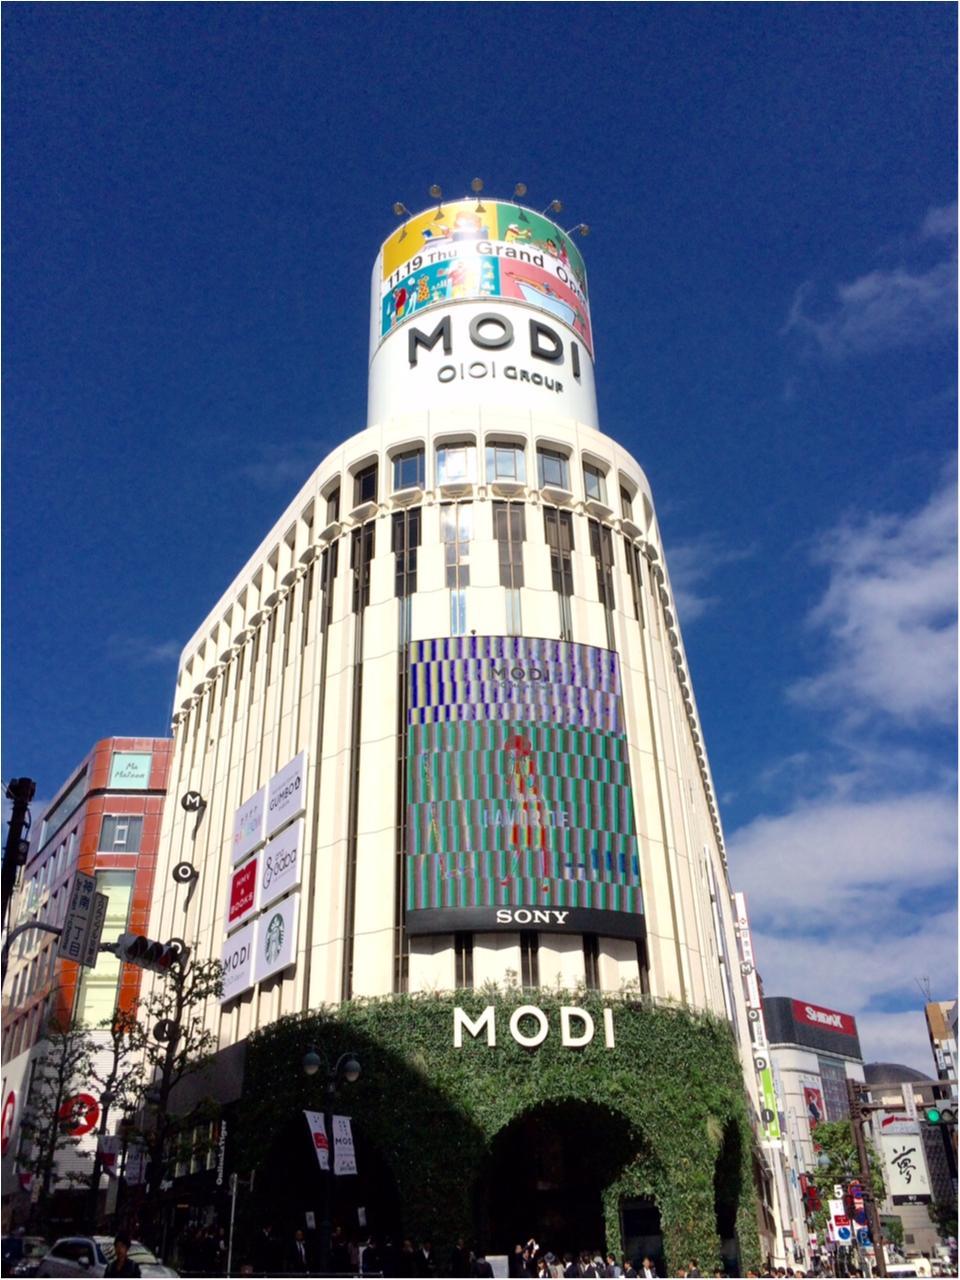 【渋谷モディに行ってみた①】おしゃれショップにカラオケも!?_1